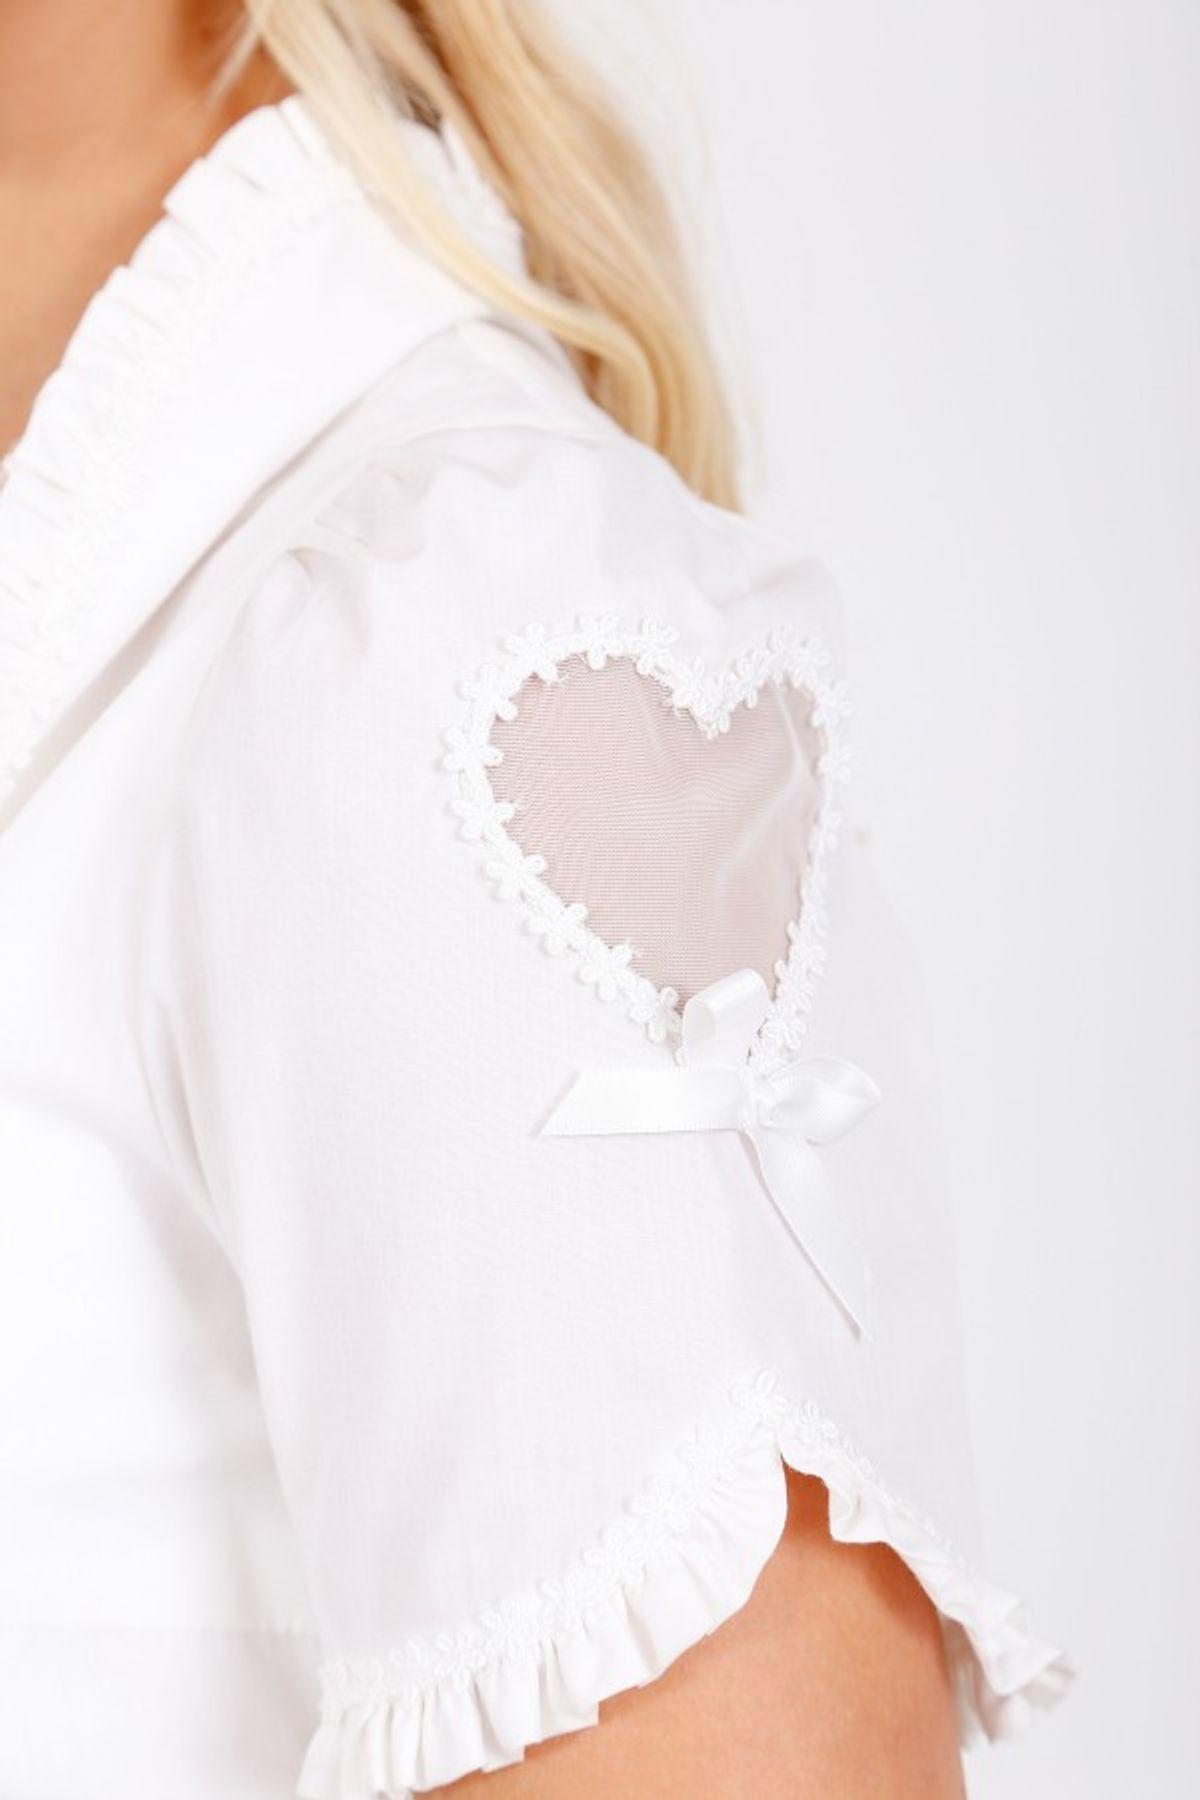 Krüger - Damen Dirndlbluse in weiß, Pretty Heart (32140-1) – Bild 3